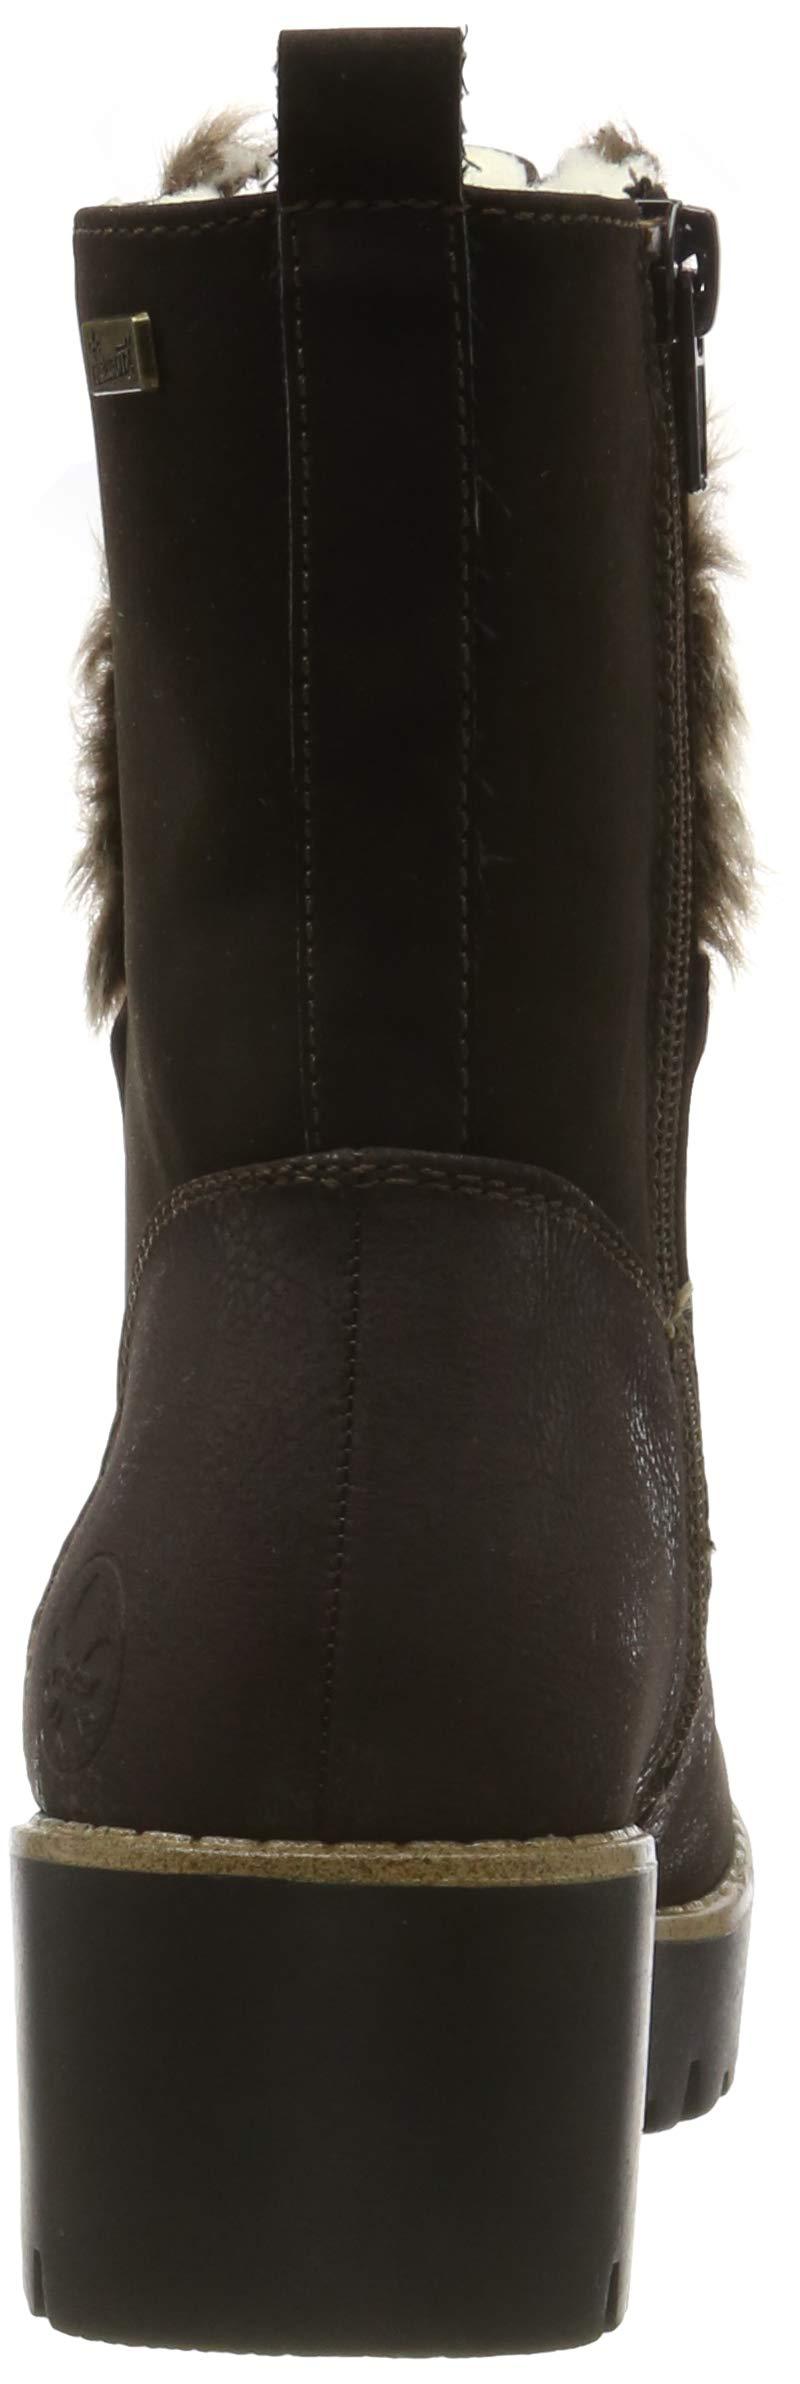 Rieker Women's Herbst/Winter Ankle Boots 9